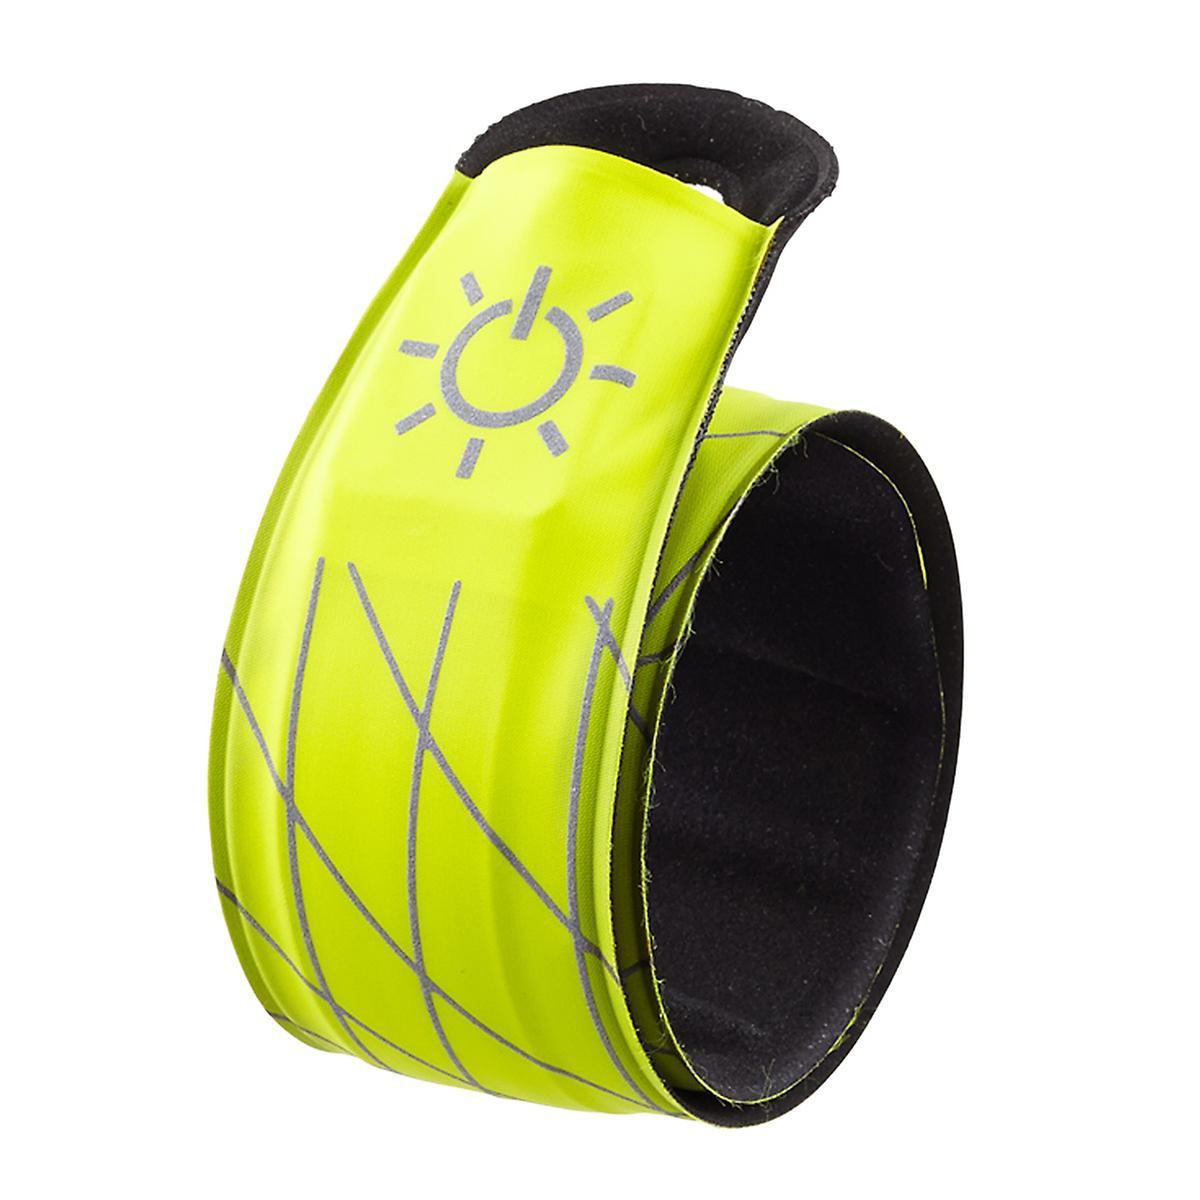 Nite Ize Yellow SlapLit LED Band